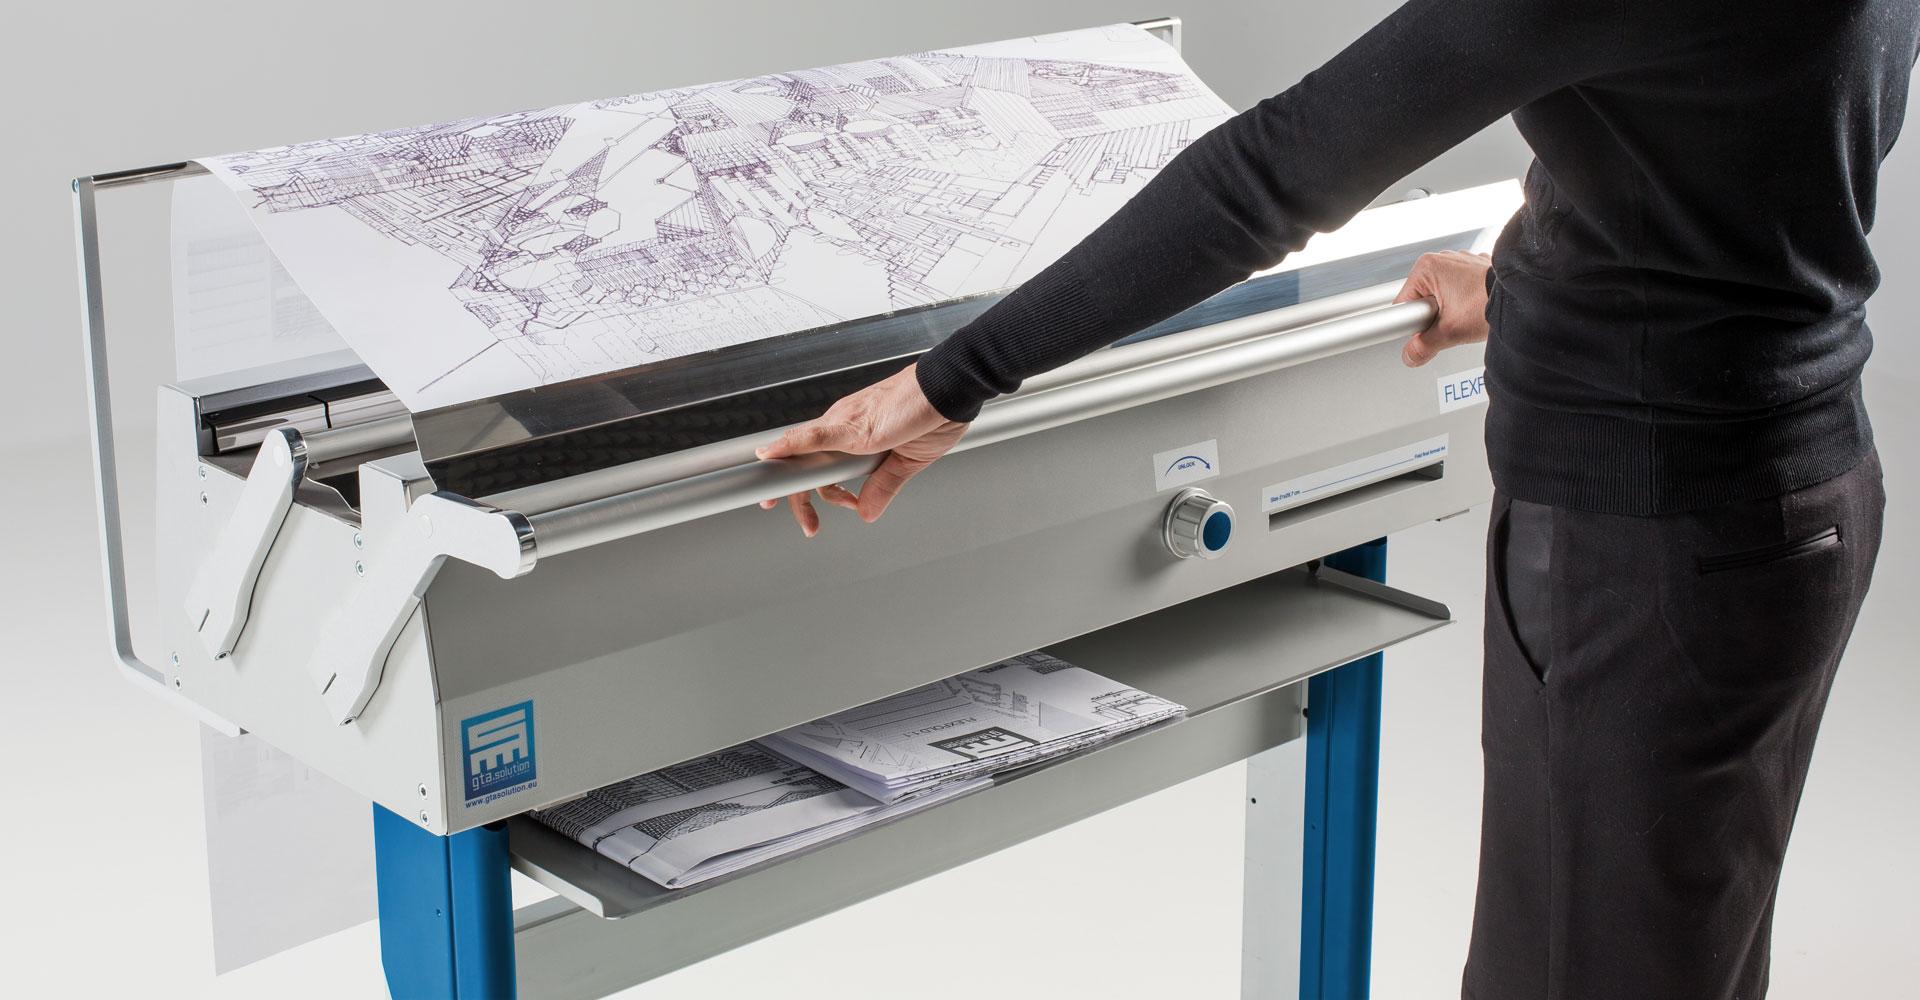 piegatrice, folding machine, piegafogli, ufficio, carta, plotter, disegni, Jesi, Ancona, Marche, ergonomia, A4, piega, fogli, patent, pending,